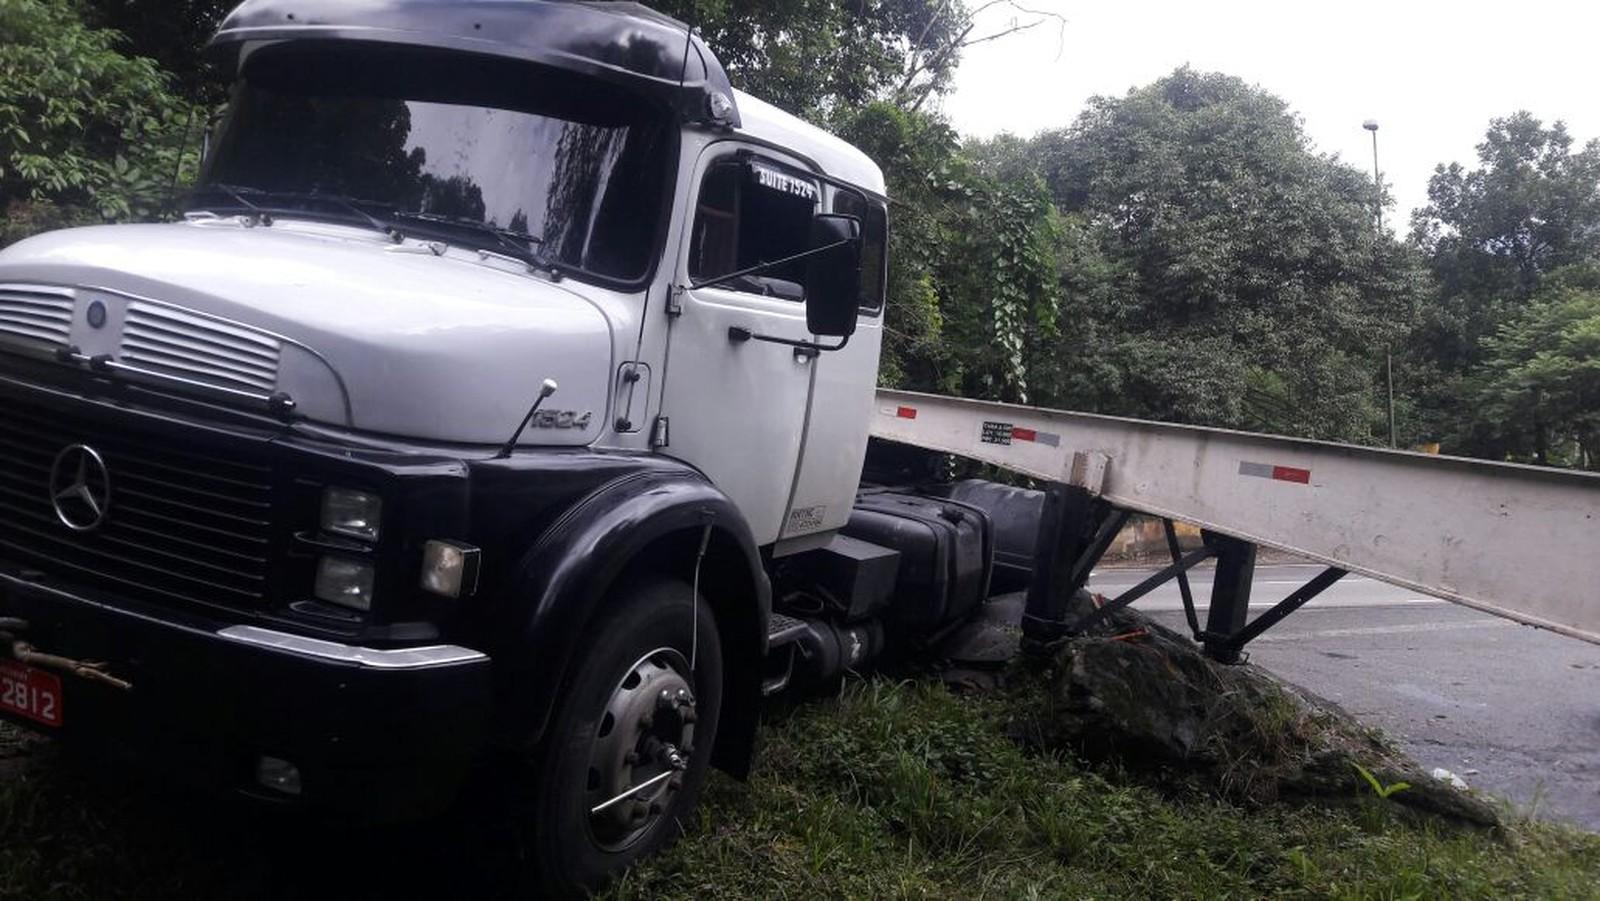 Caminhoneiro relata tensão ao tentar controlar veículo sem freio em rodovia